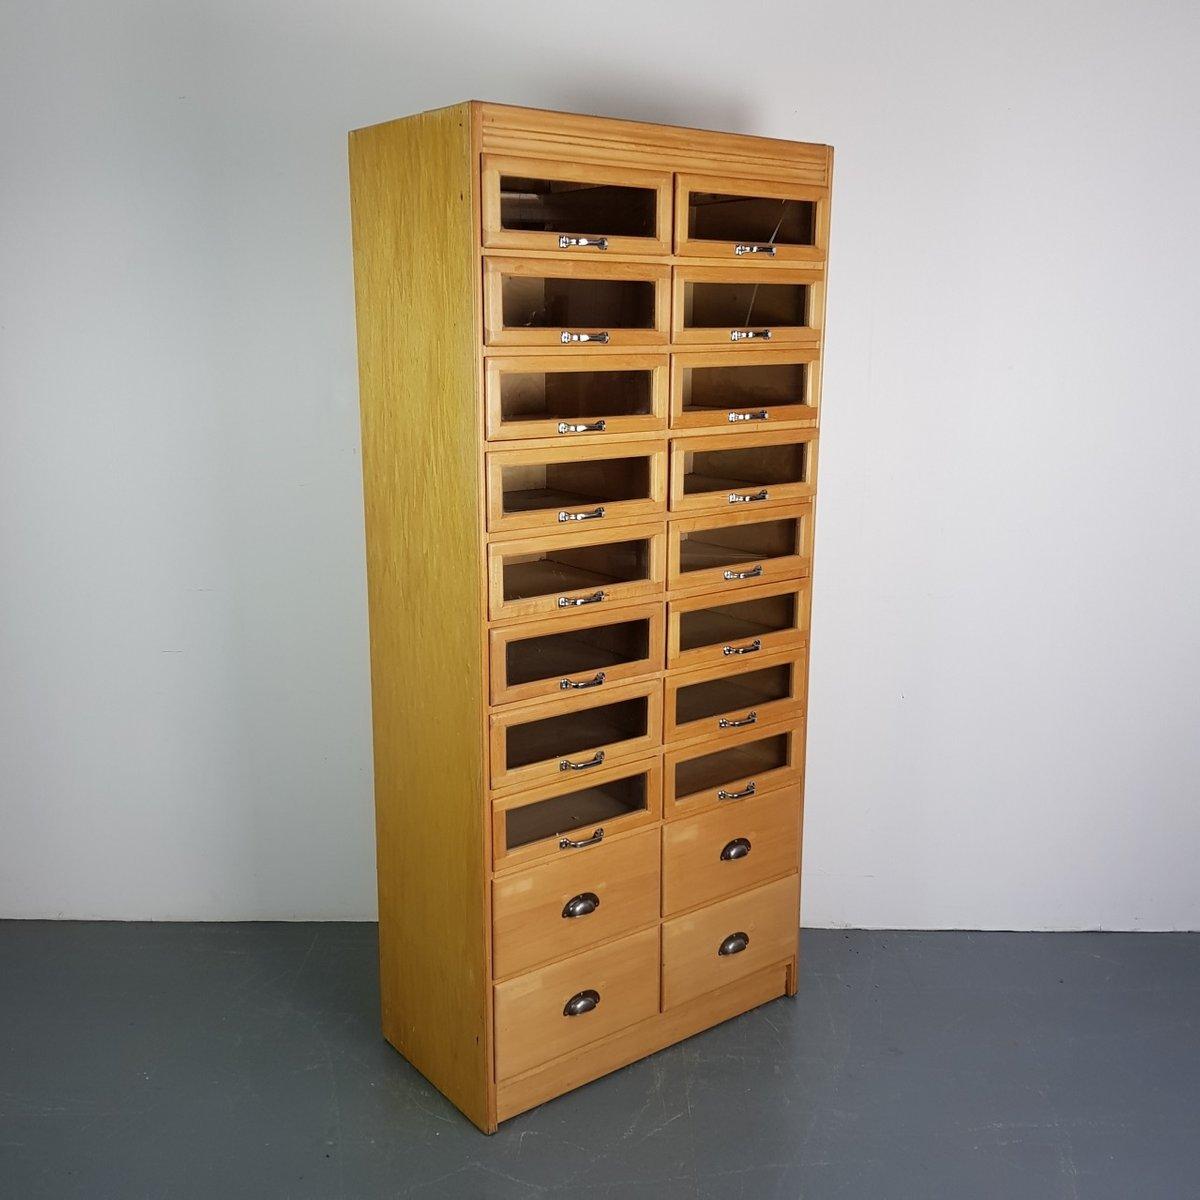 industrieller vintage kurzwaren schrank mit 20 schubladen bei pamono kaufen. Black Bedroom Furniture Sets. Home Design Ideas